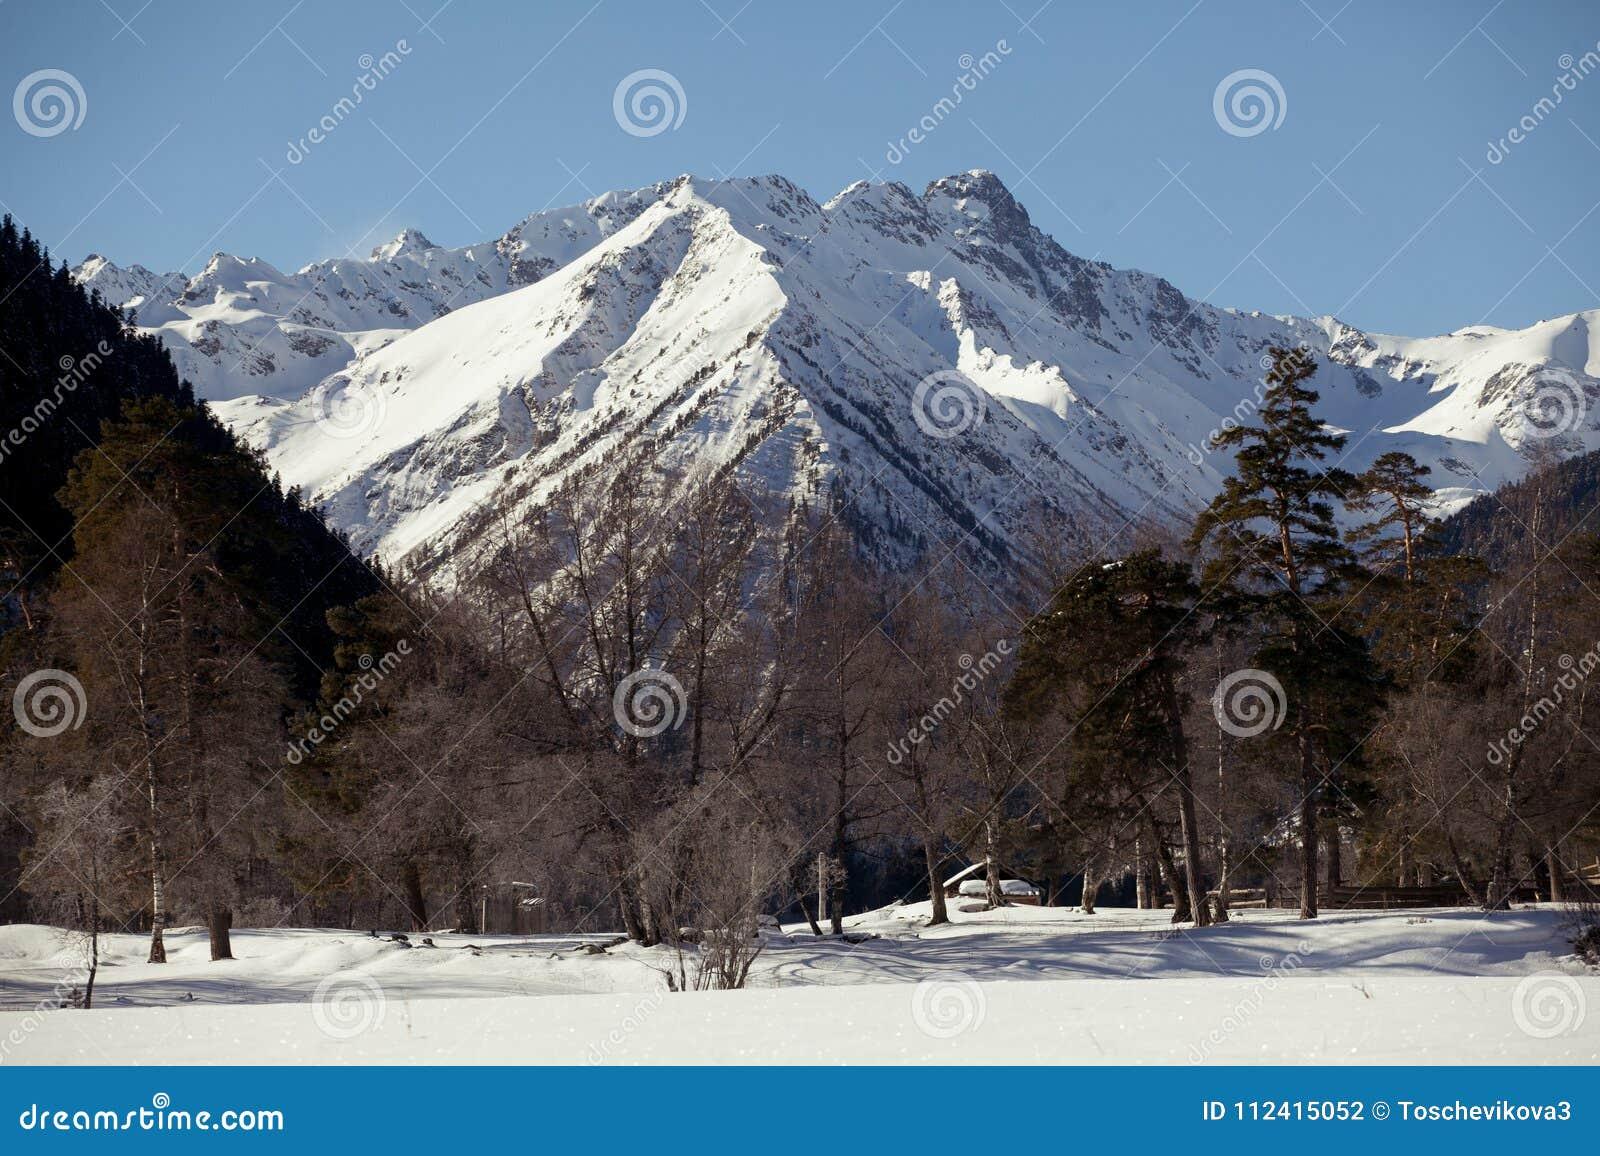 Schöner Panoramablick des Gebirgszugs mit Schnee-mit einer Kappe bedeckten Spitzen, an einem klaren Wintertag